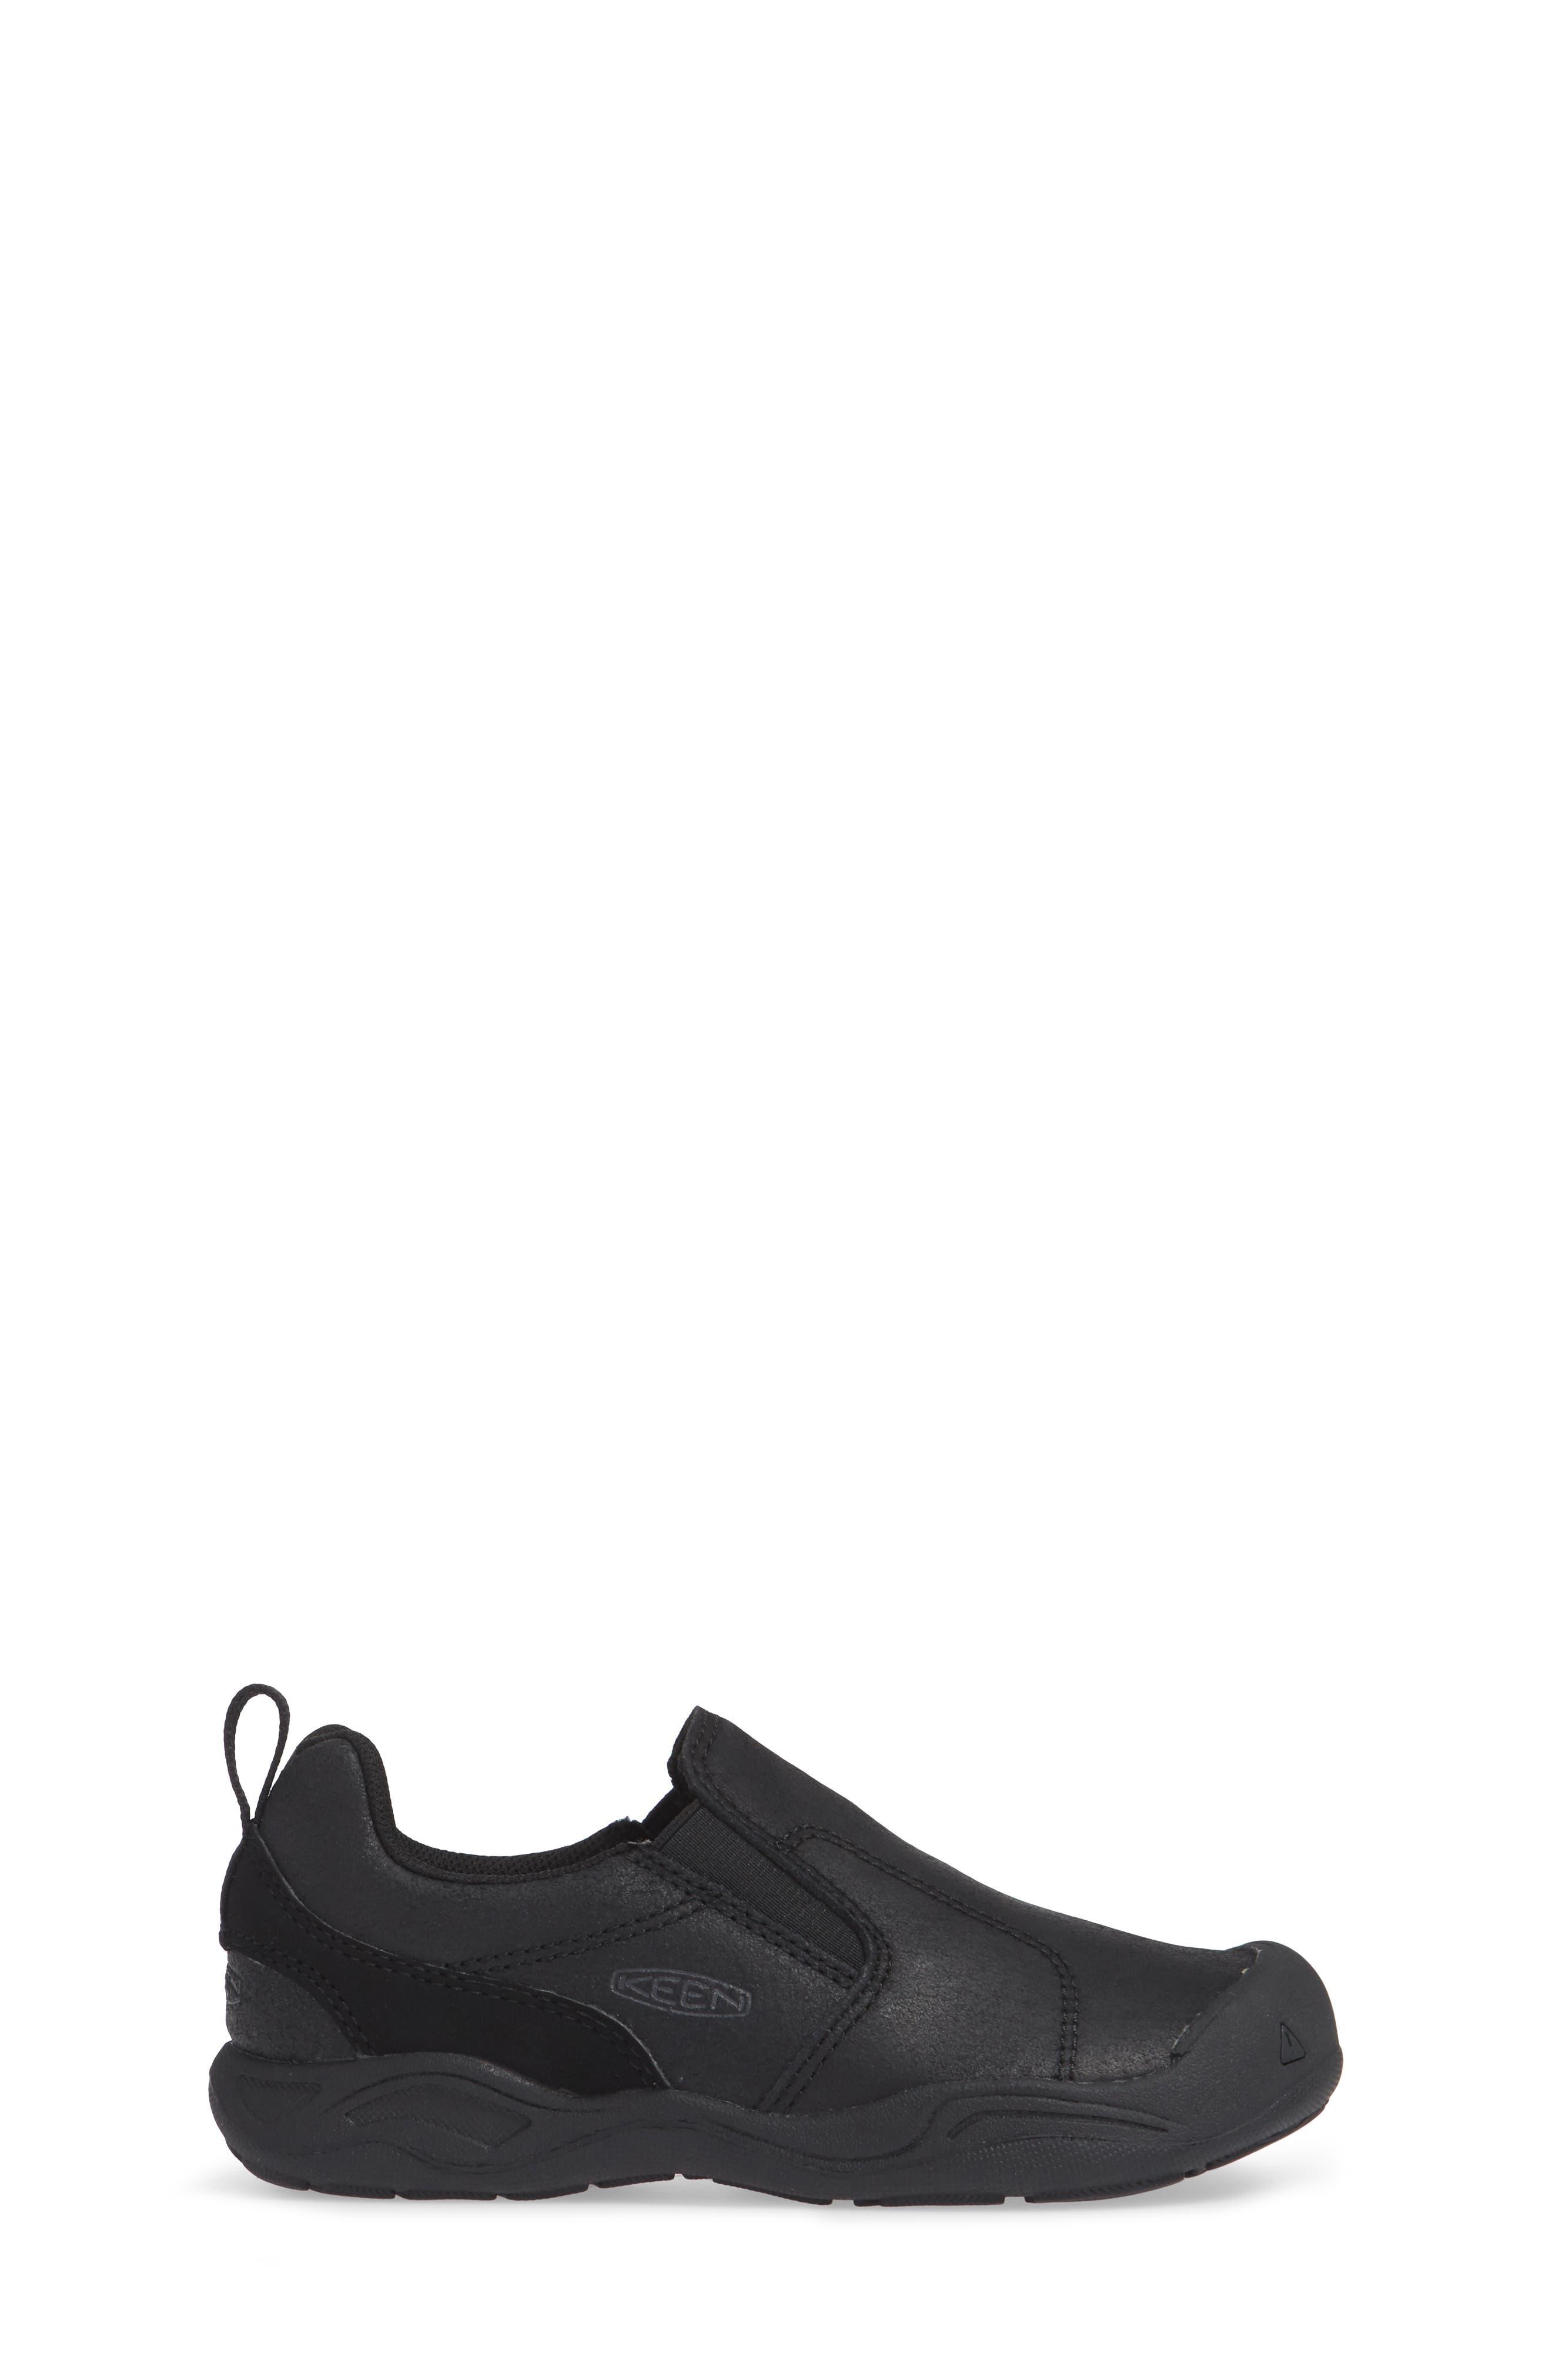 Jasper Slip-On Sneaker,                             Alternate thumbnail 3, color,                             BLACK/ RAVEN